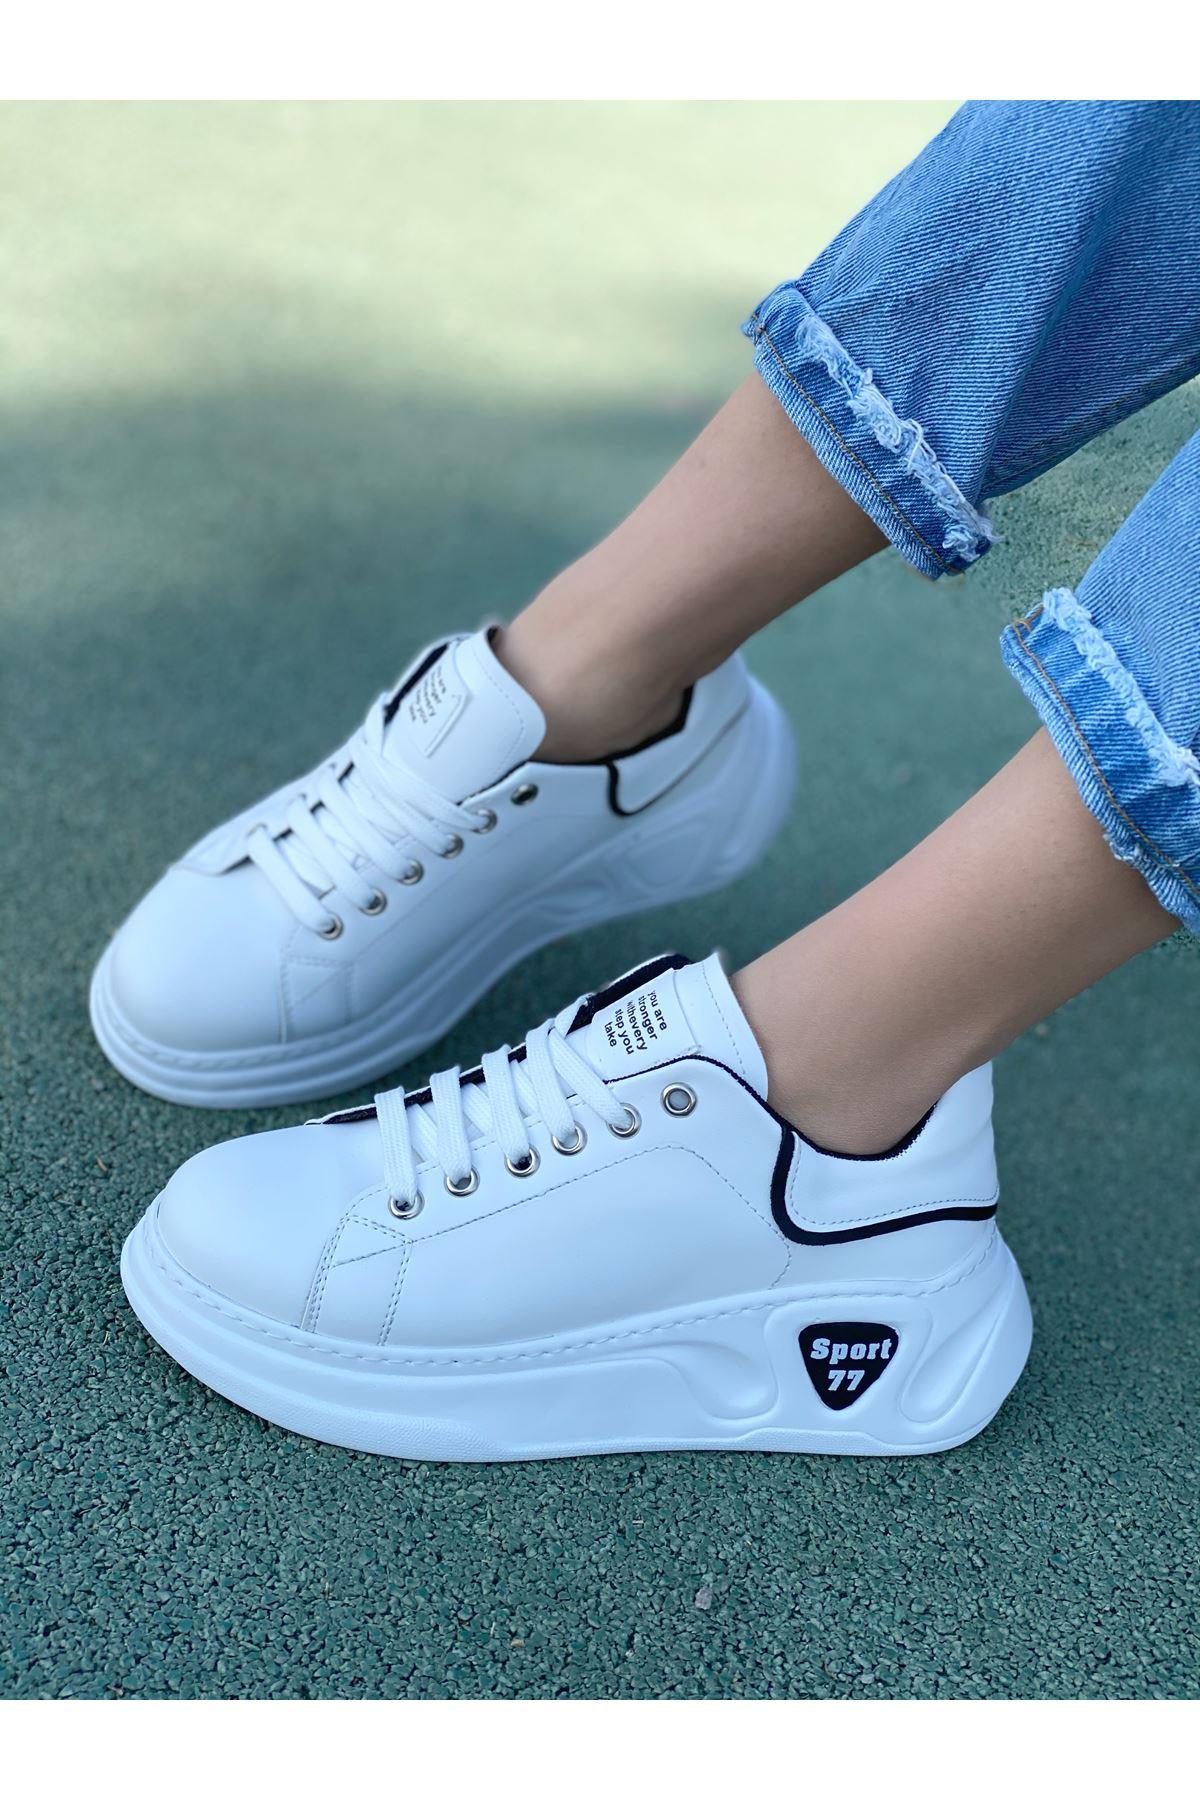 Kadın Taylor Kalın Taban Beyaz Siyah Detay Spor Ayakkabı Bağcıklı Mat Deri